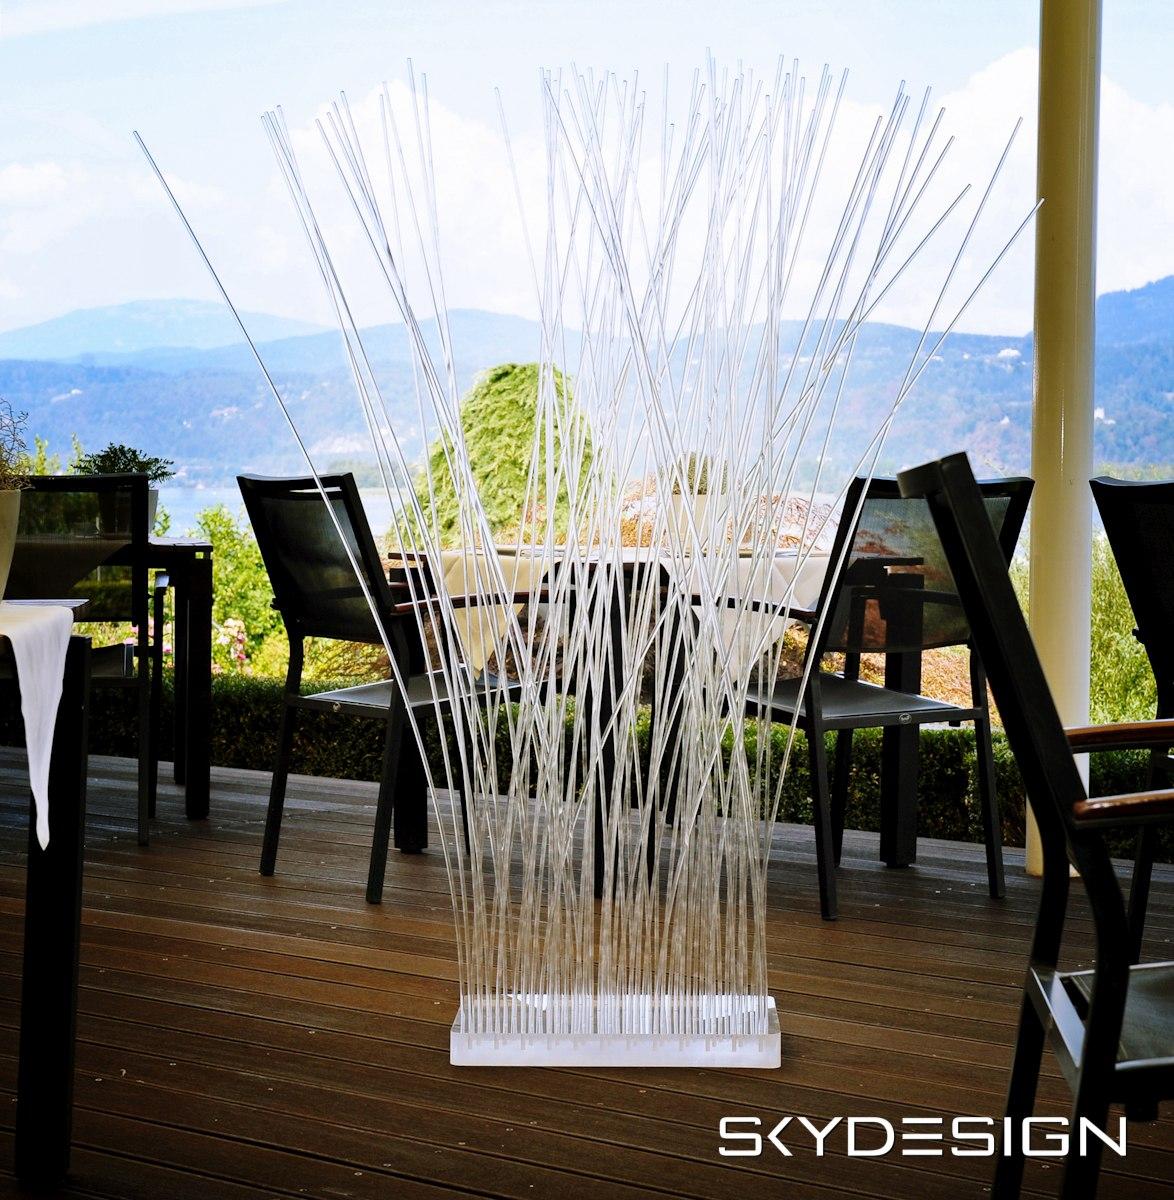 Privacy Glass Plexiglas Partition Skydesign News